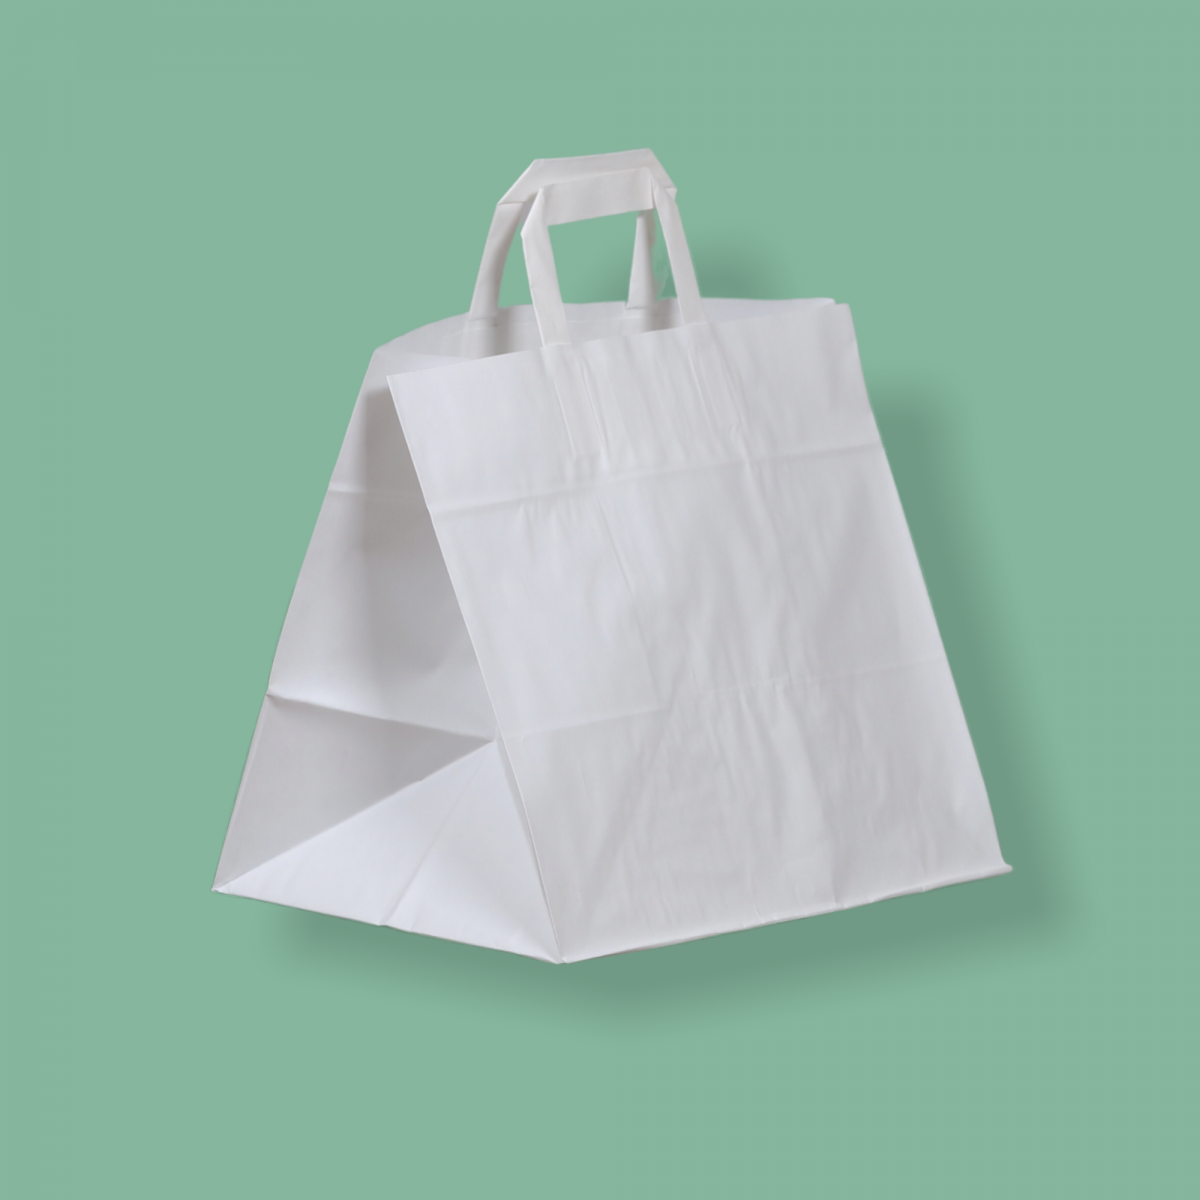 Szalagfüles papírtáska 32x27+21 cm fehér